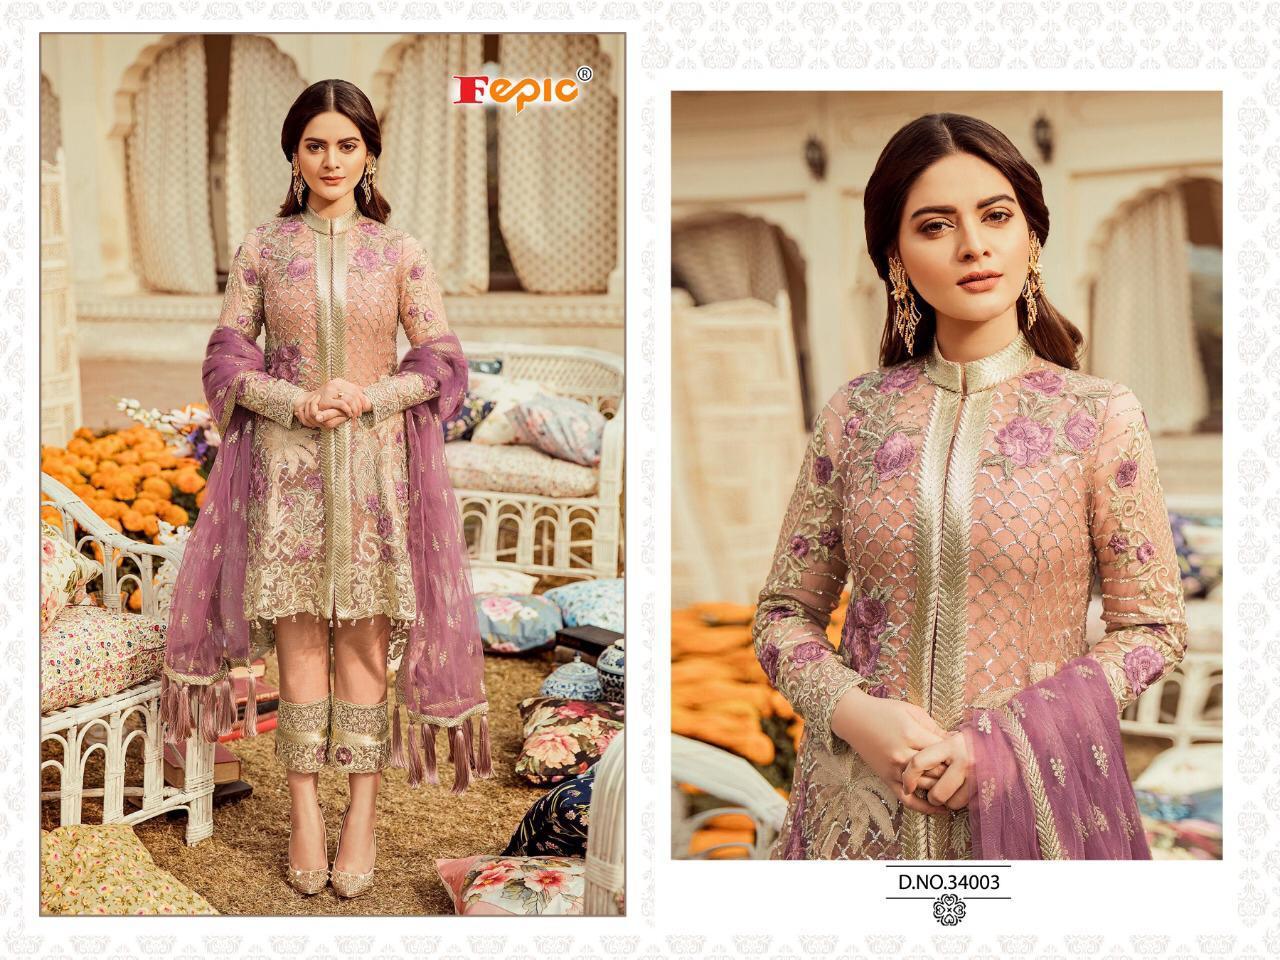 Fepic Rosemeen Premium Present Designer Suits Wholesale